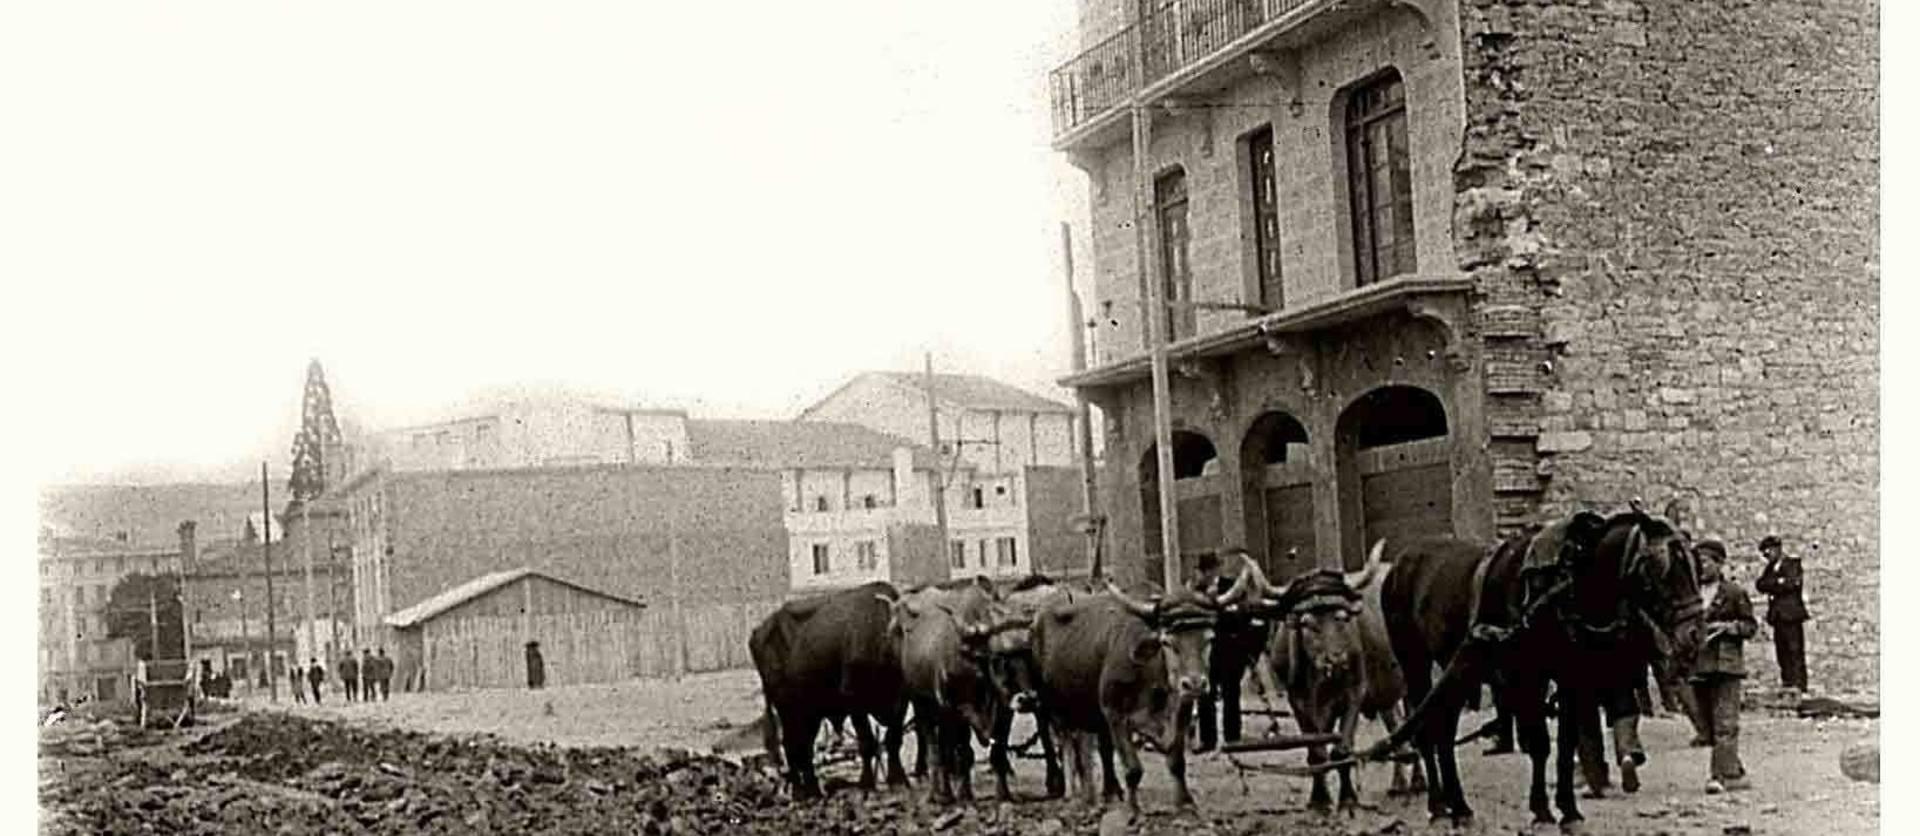 Bueyes y caballerías trabajando en las obras de urbanización de la avenida de San Ignacio, en junio de 1923, a la altura del actual hotel Yoldi. A la izquierda, el Coliseo Olimpia, recién terminado, y detrás el fielato de arbitrios.